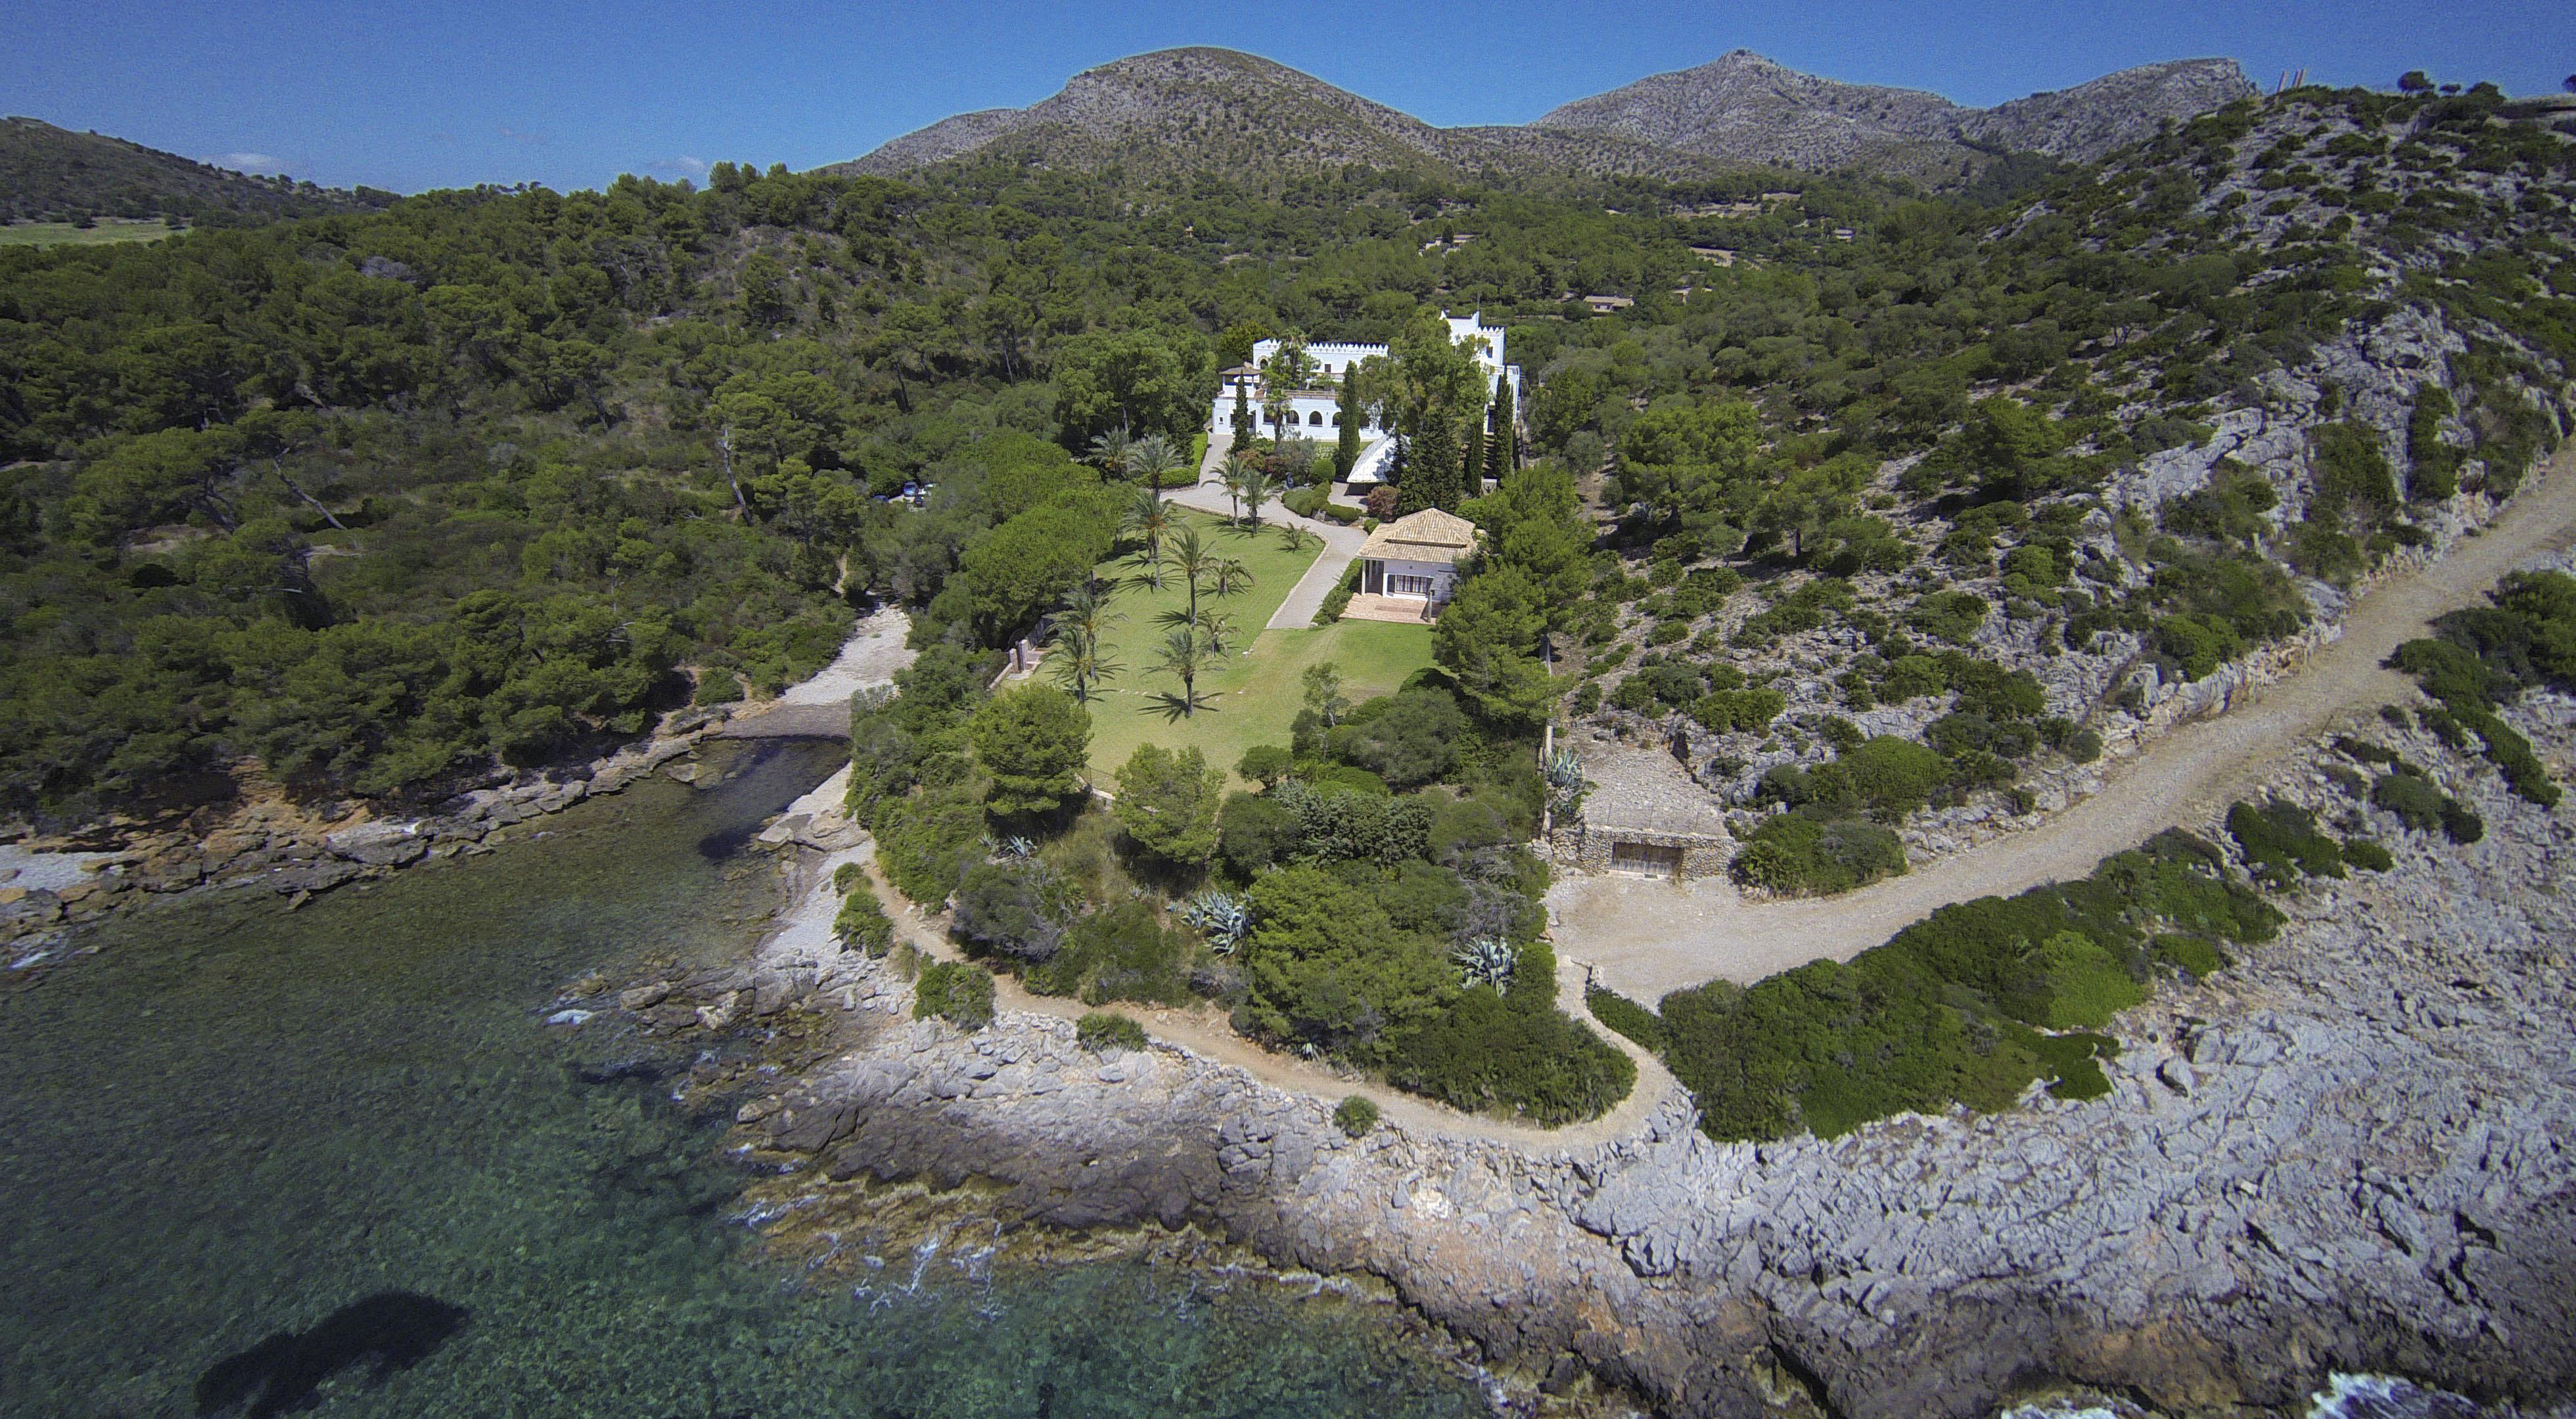 Das Haus von Hassan Fathy: Luftansicht der Küstenlinie © Fundacion Yannick y Ben Jakober